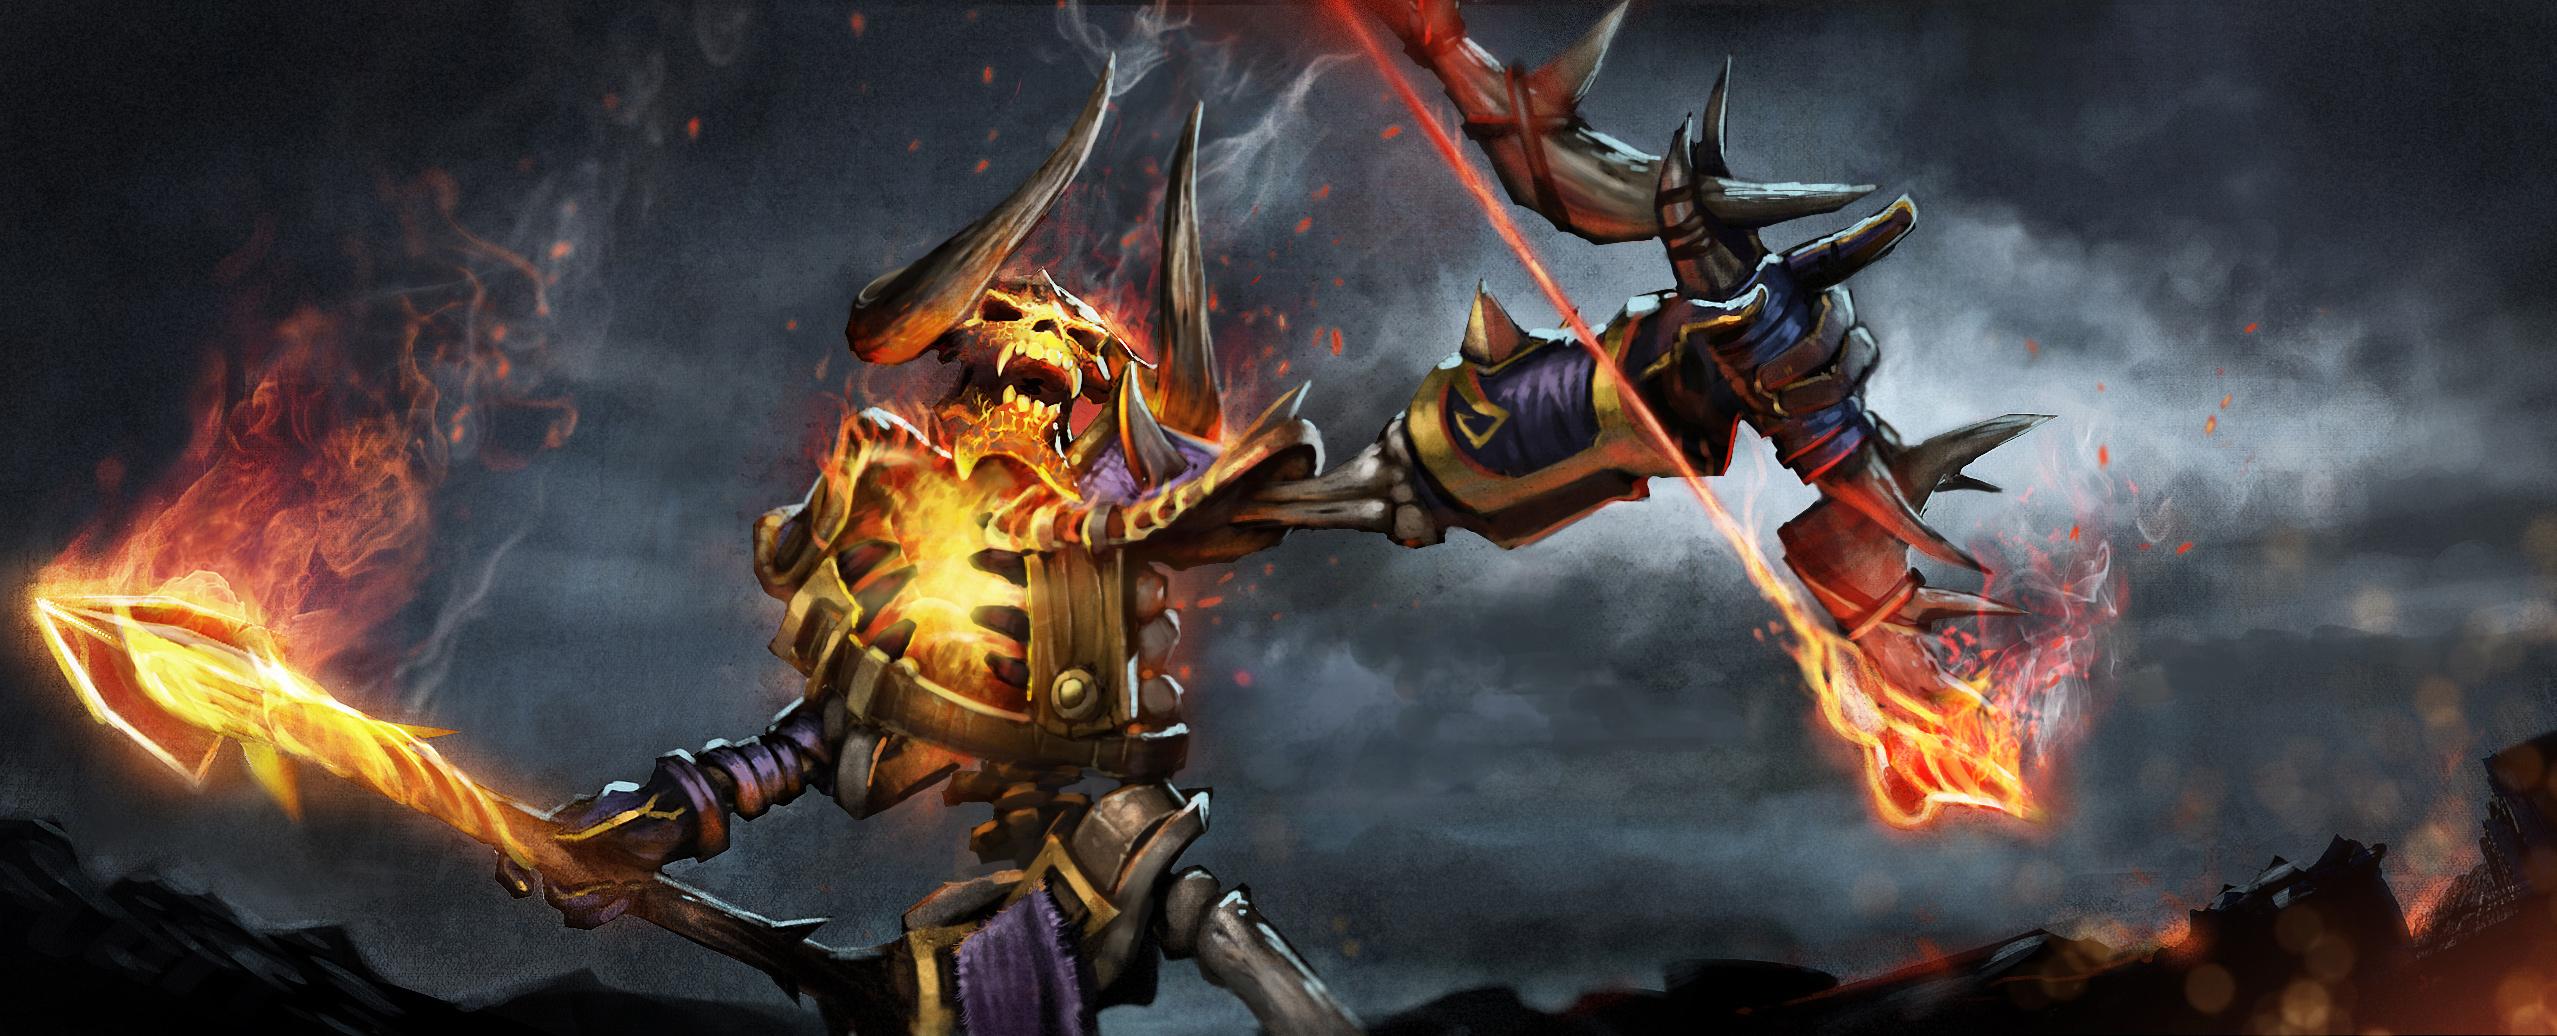 Loạt ảnh nguyên họa của các hero trong DotA 2 - Ảnh 13